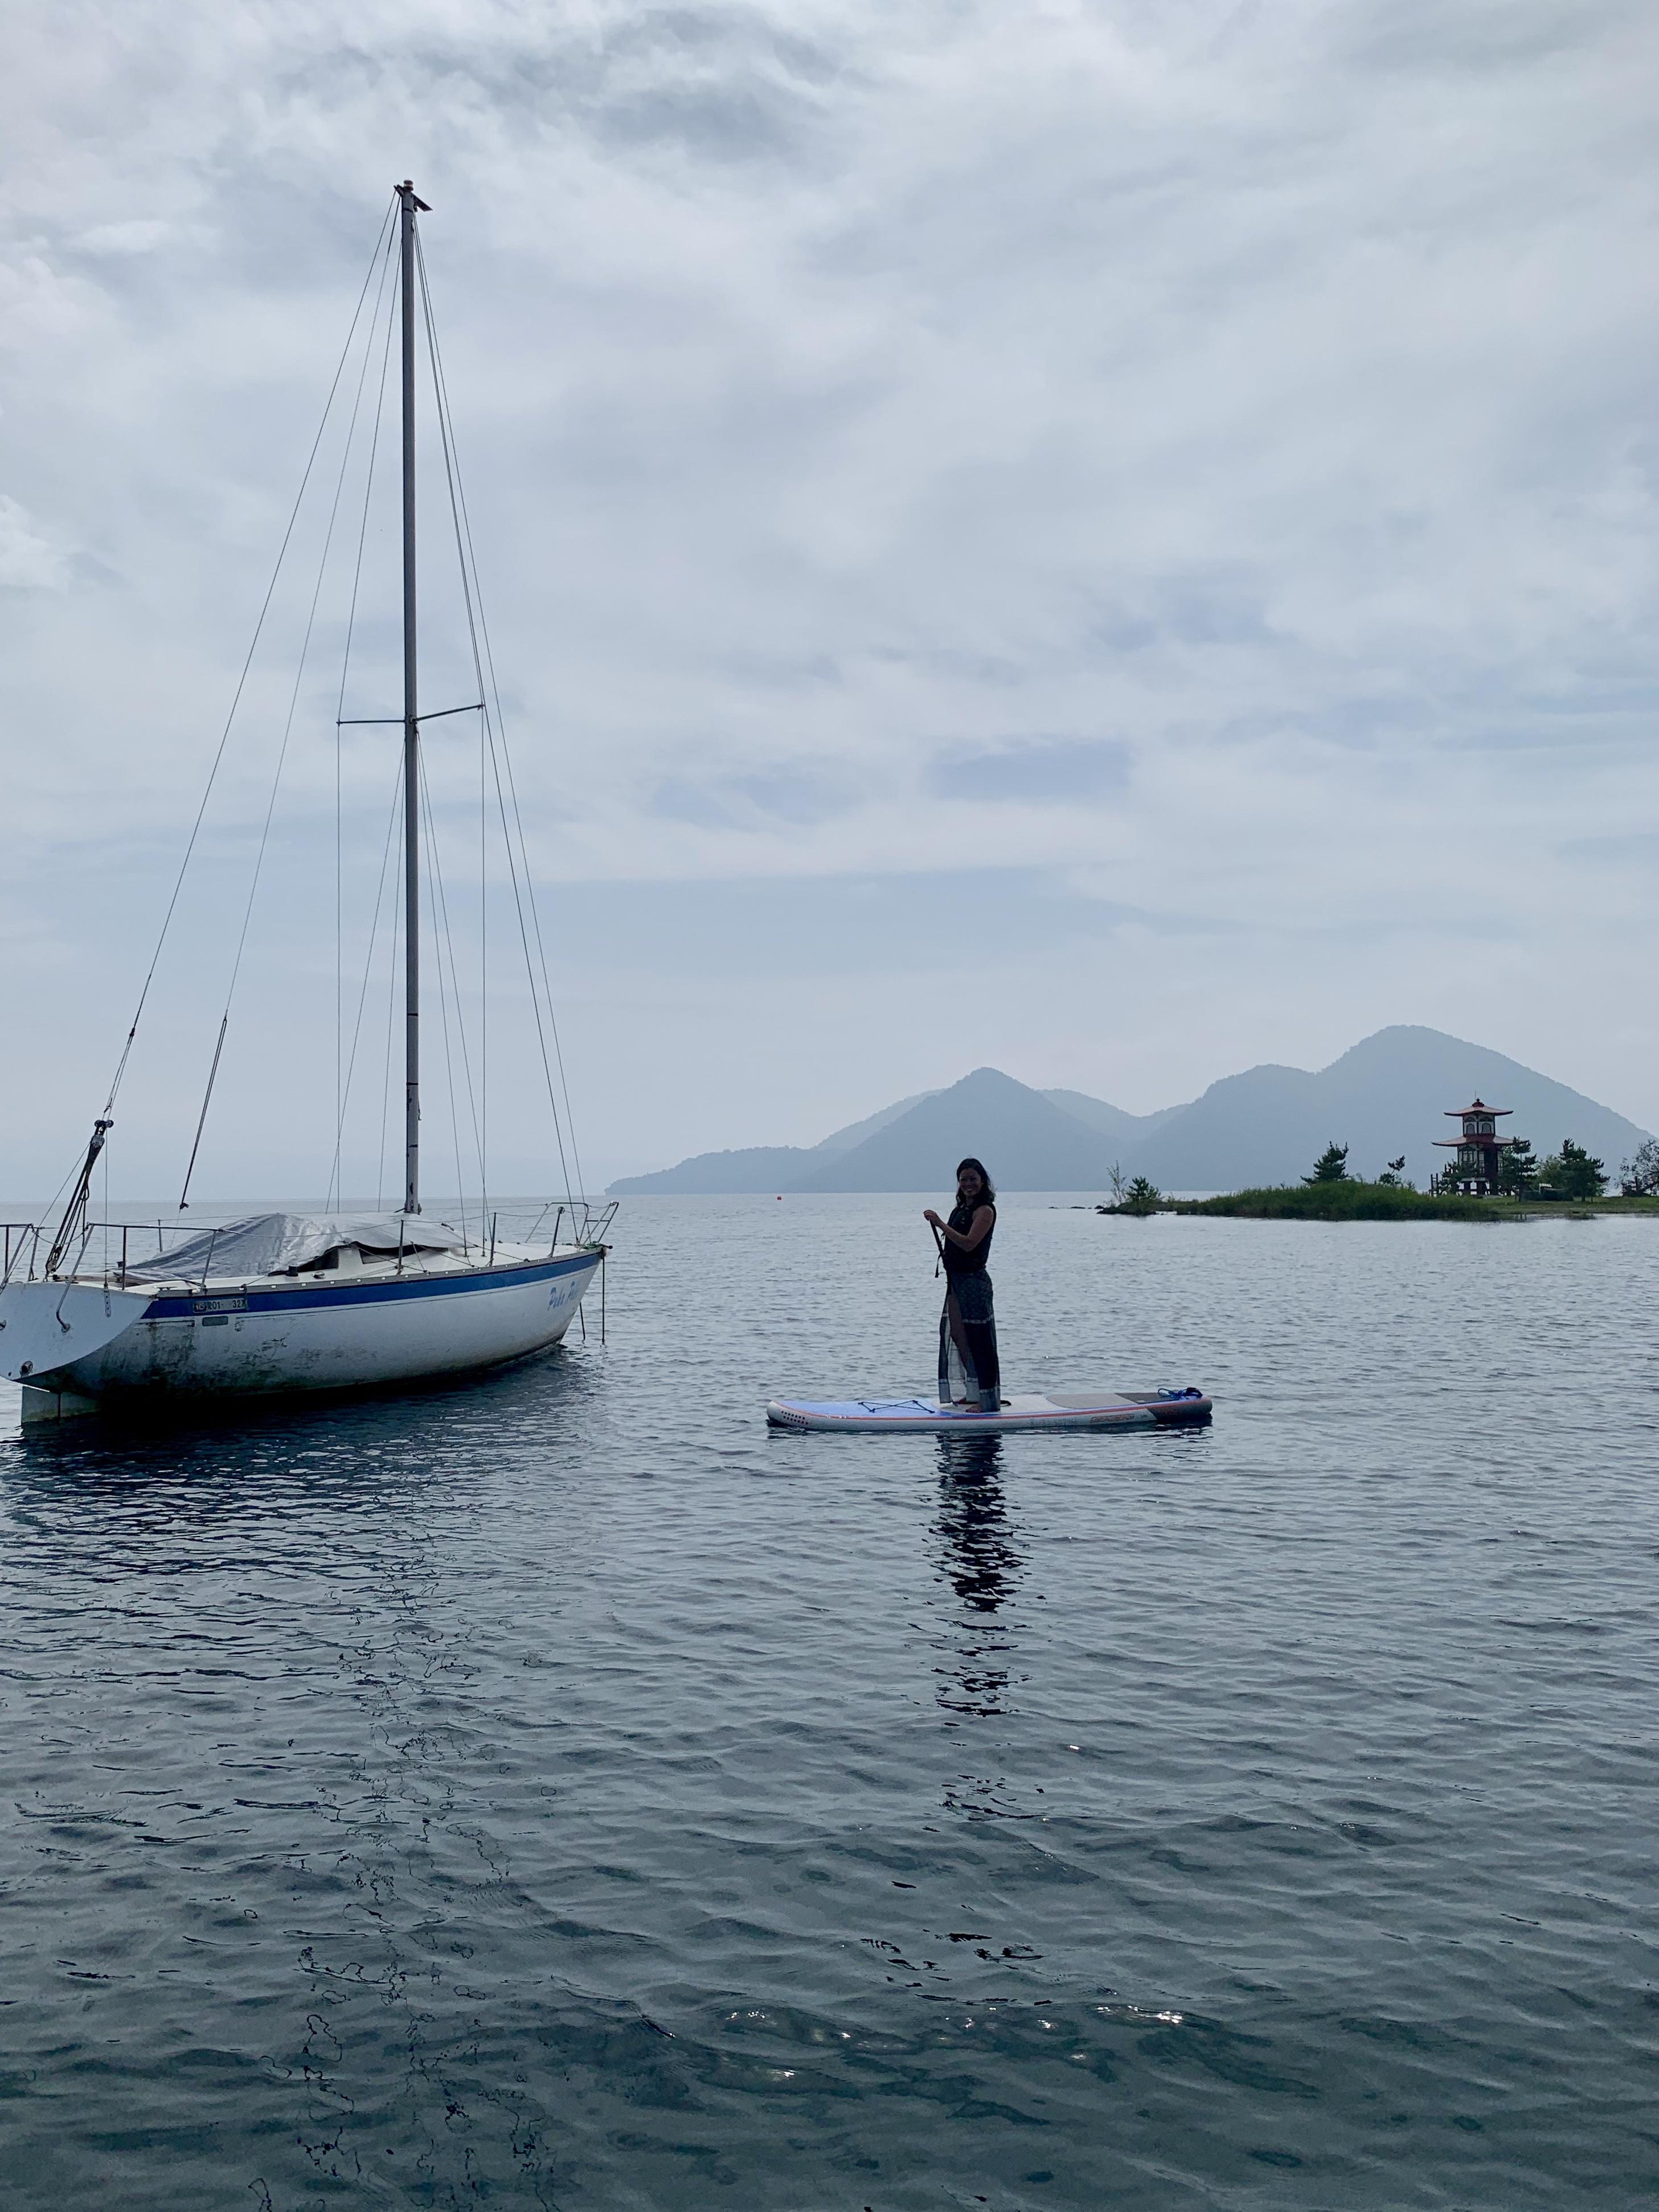 Stand Up Paddleboarding at Lake Toya